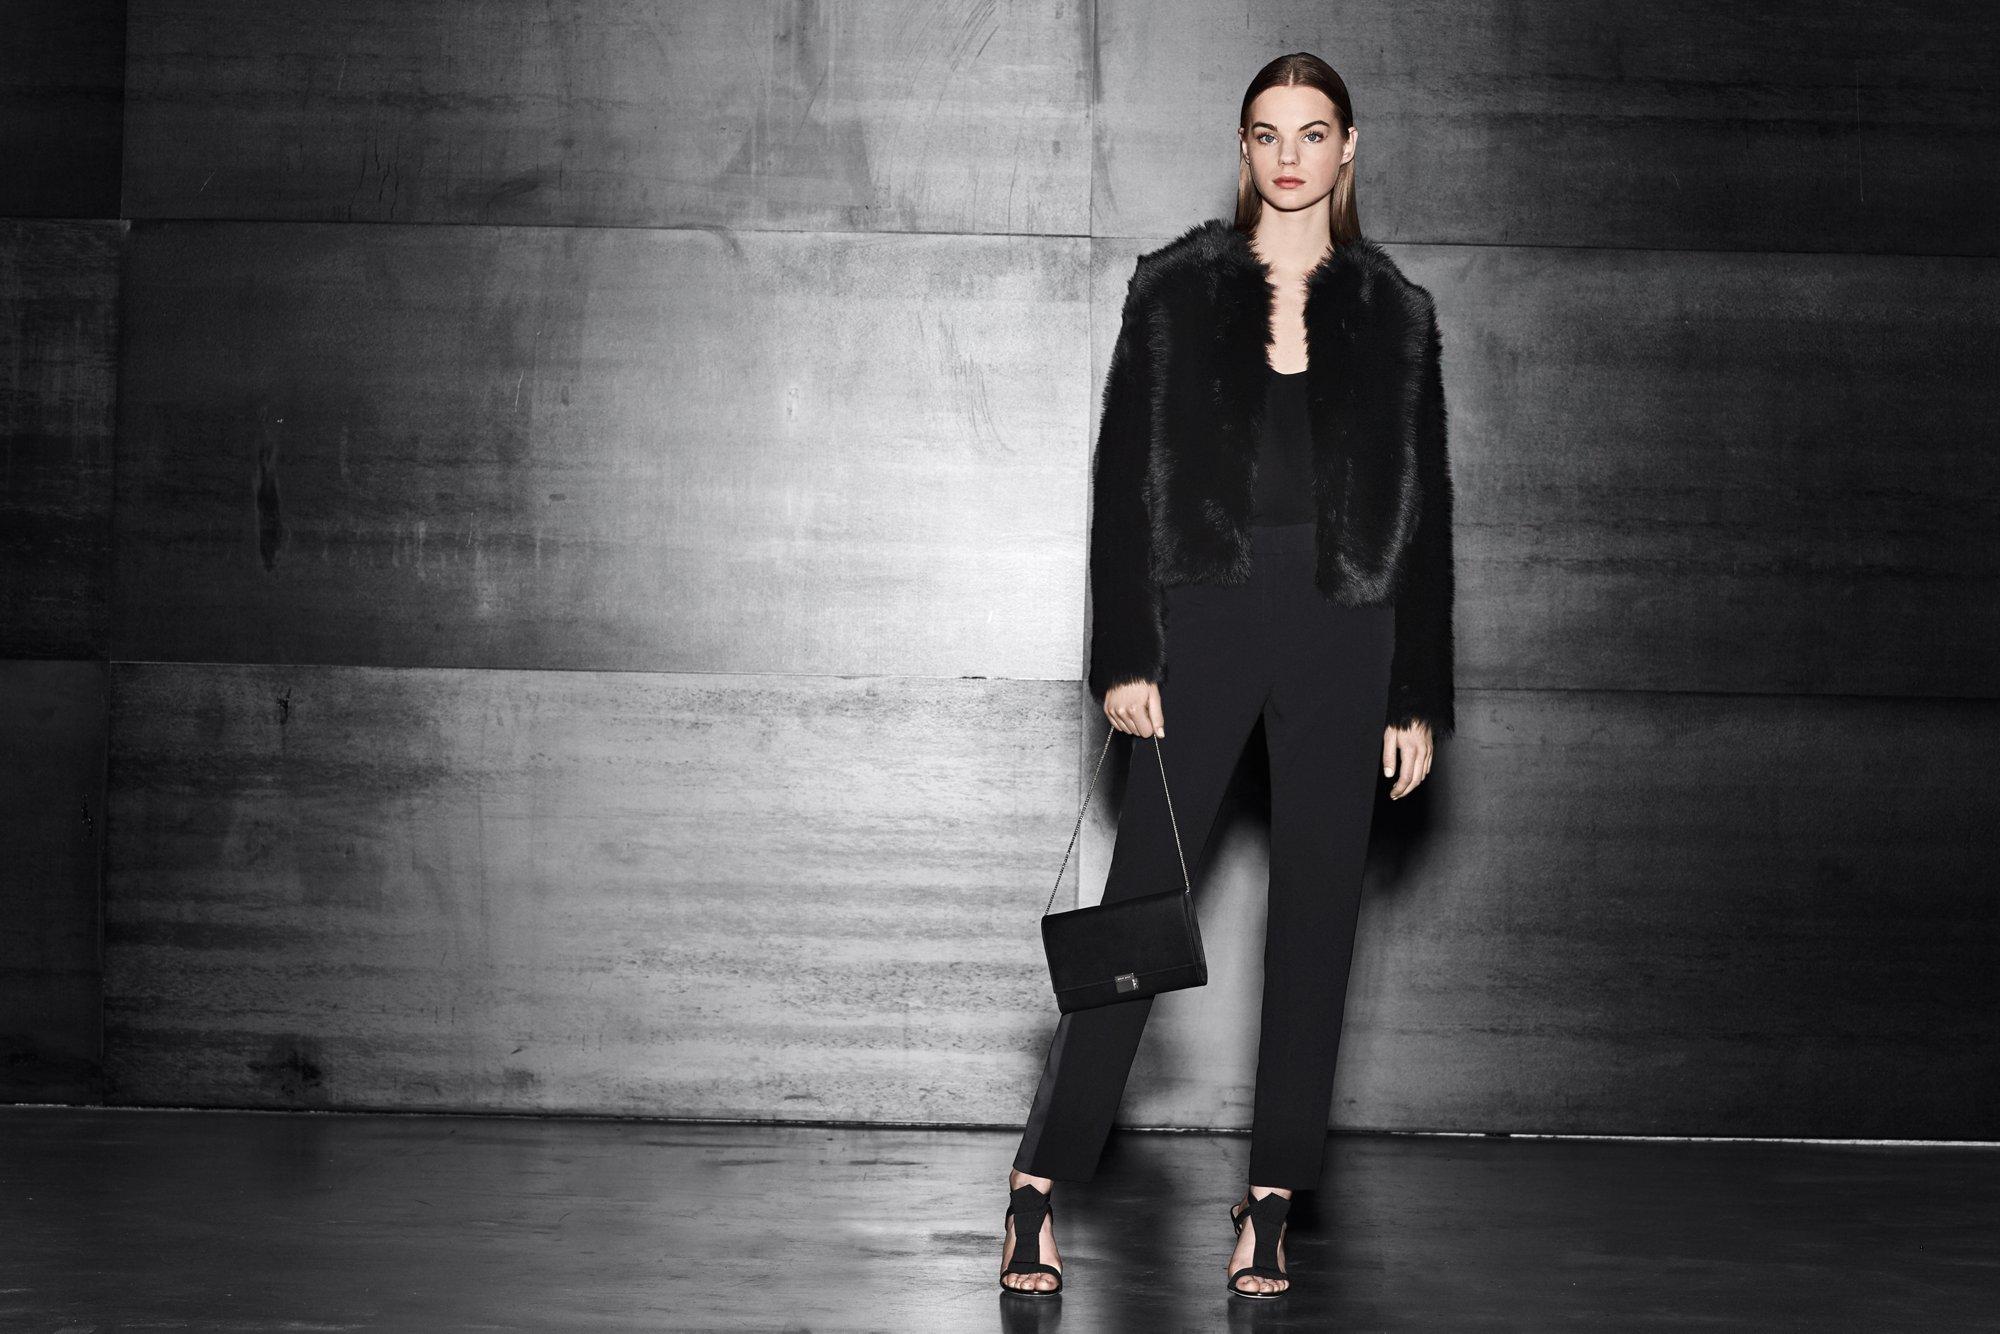 Schwarze Lederjacke über schwarzem Top, schwarze Hose, schwarze Tasche und schwarze Schuhe von BOSS